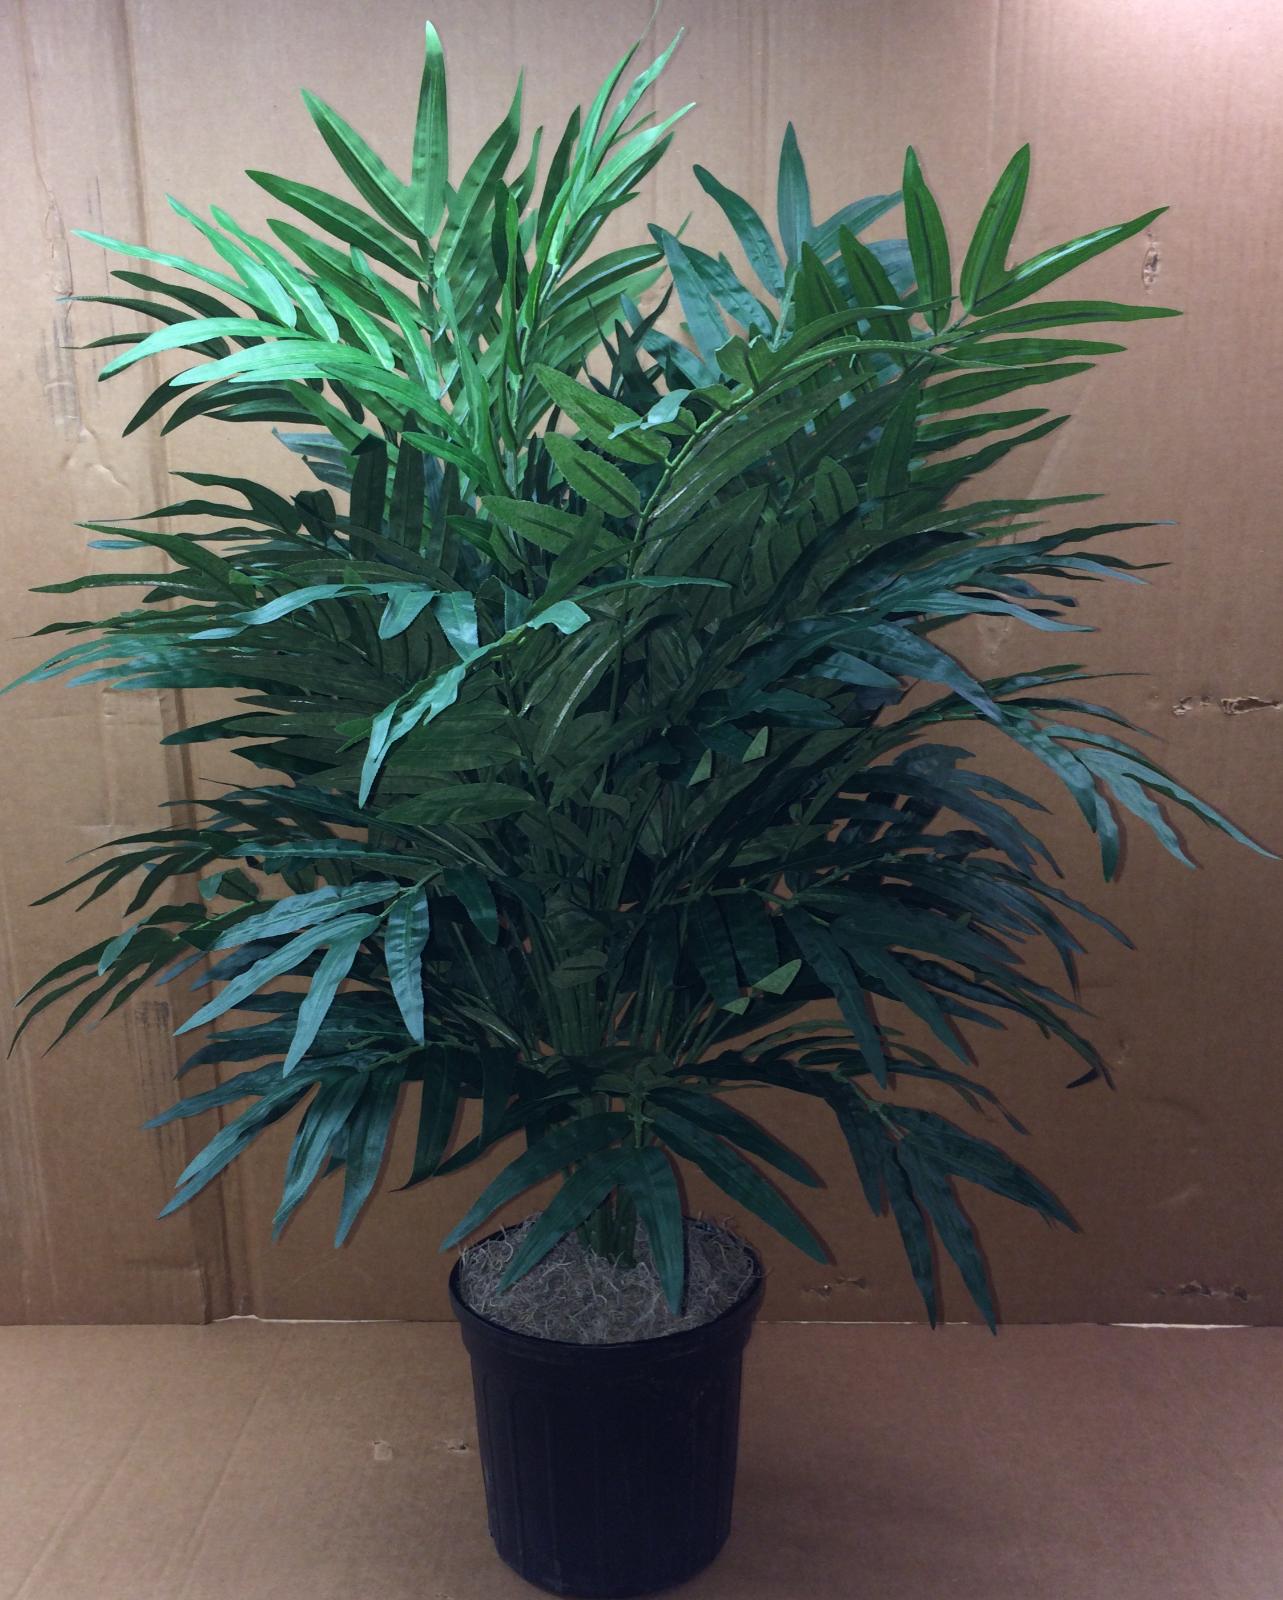 3' PHOENIX PALM PLANT ARTIFICIAL ARRANGEMENT SILK TREE BUSH IN POT TRIPLE FLORAL